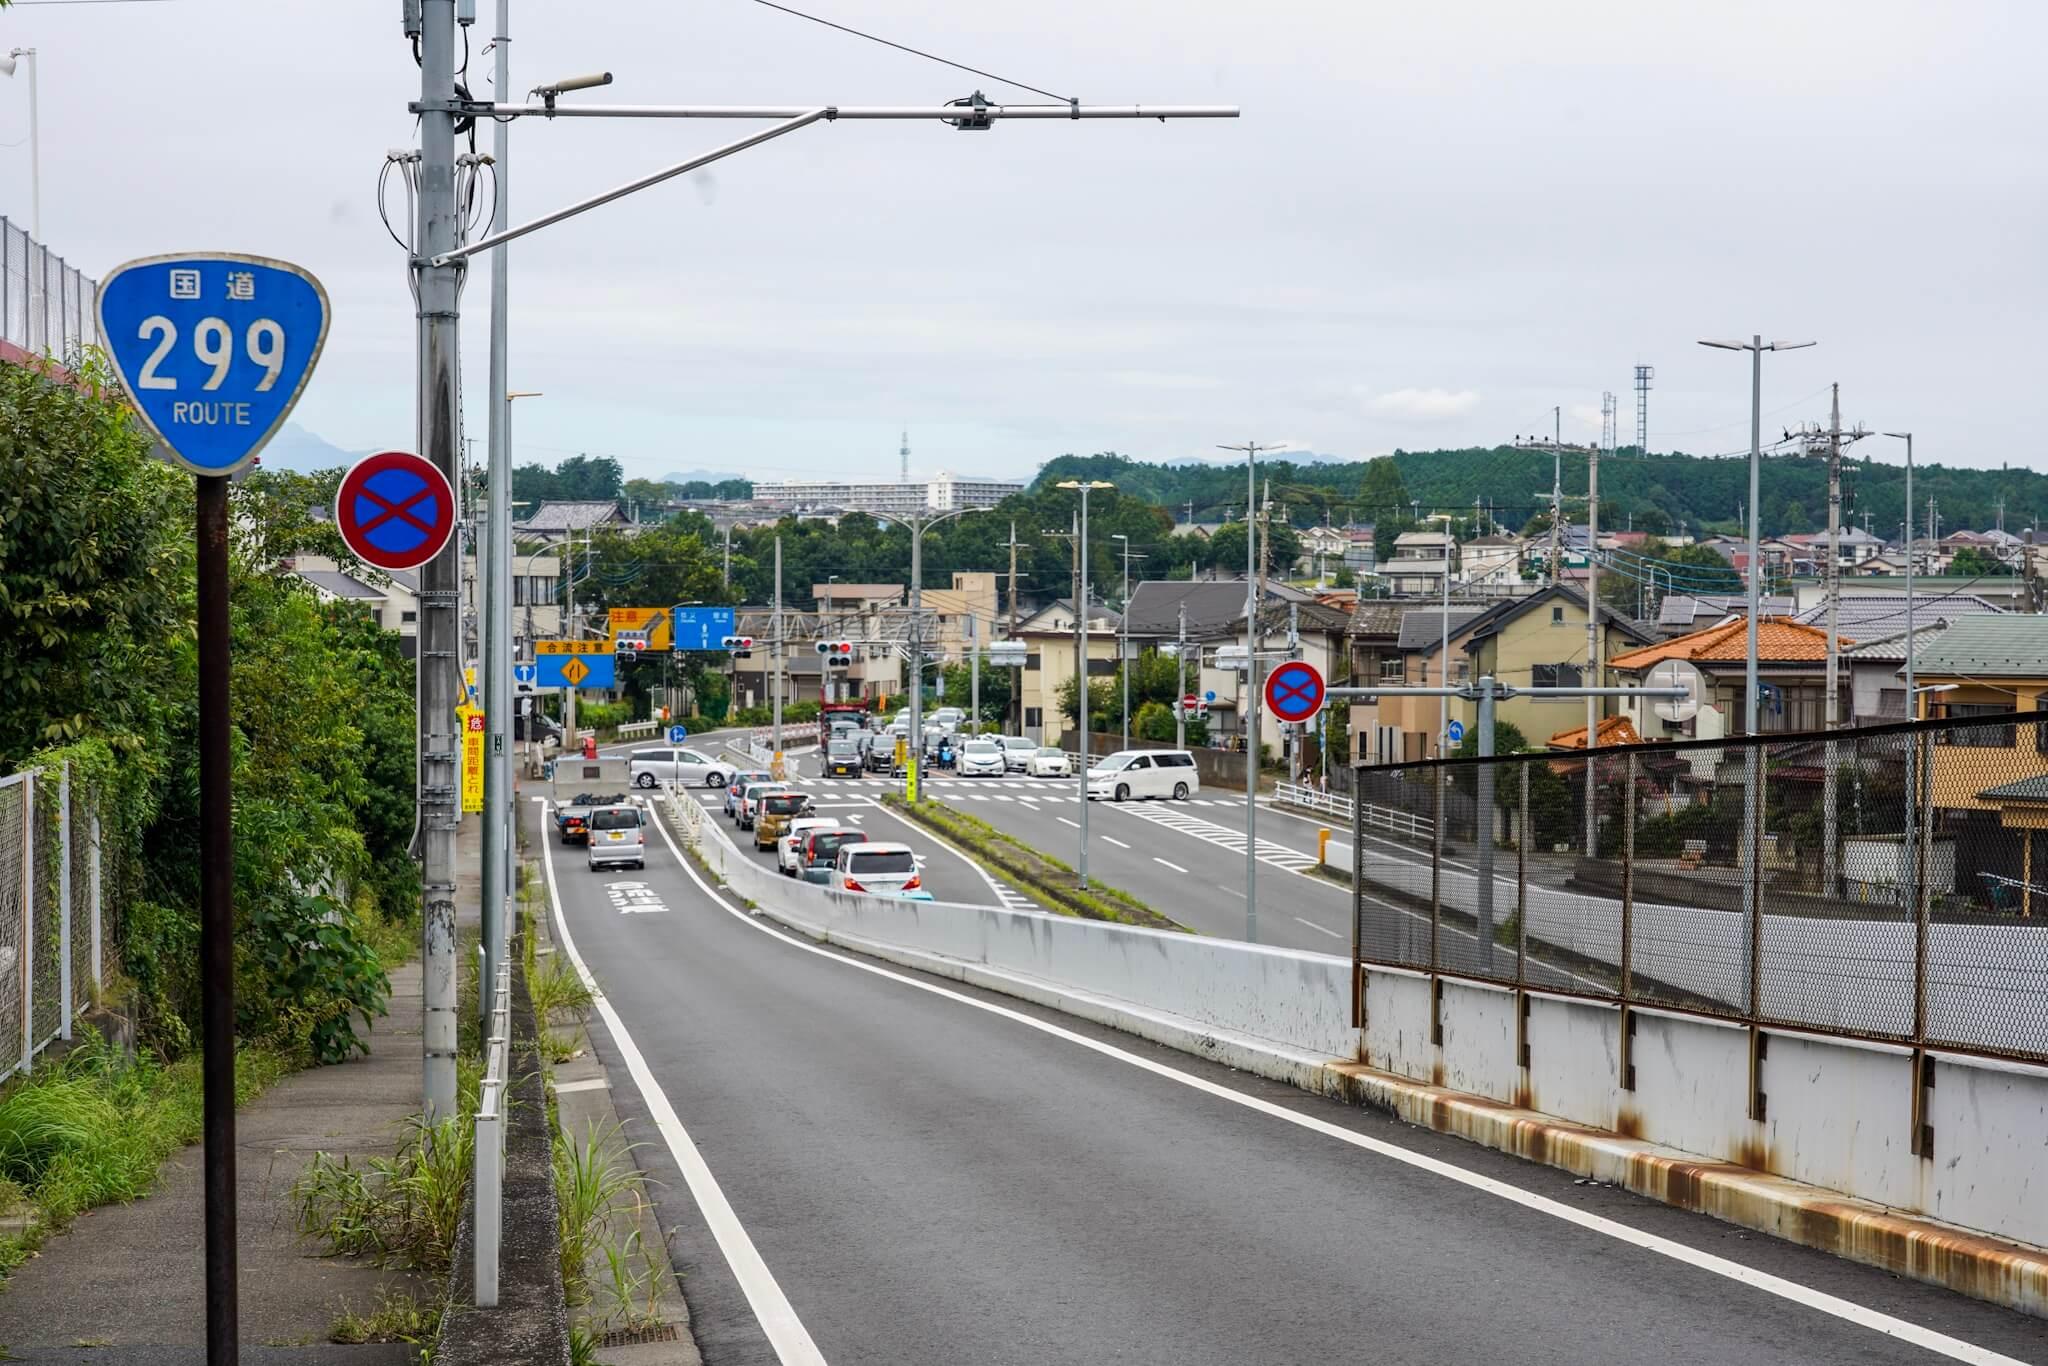 国道299号 終点 埼玉県入間市 小谷田交差点